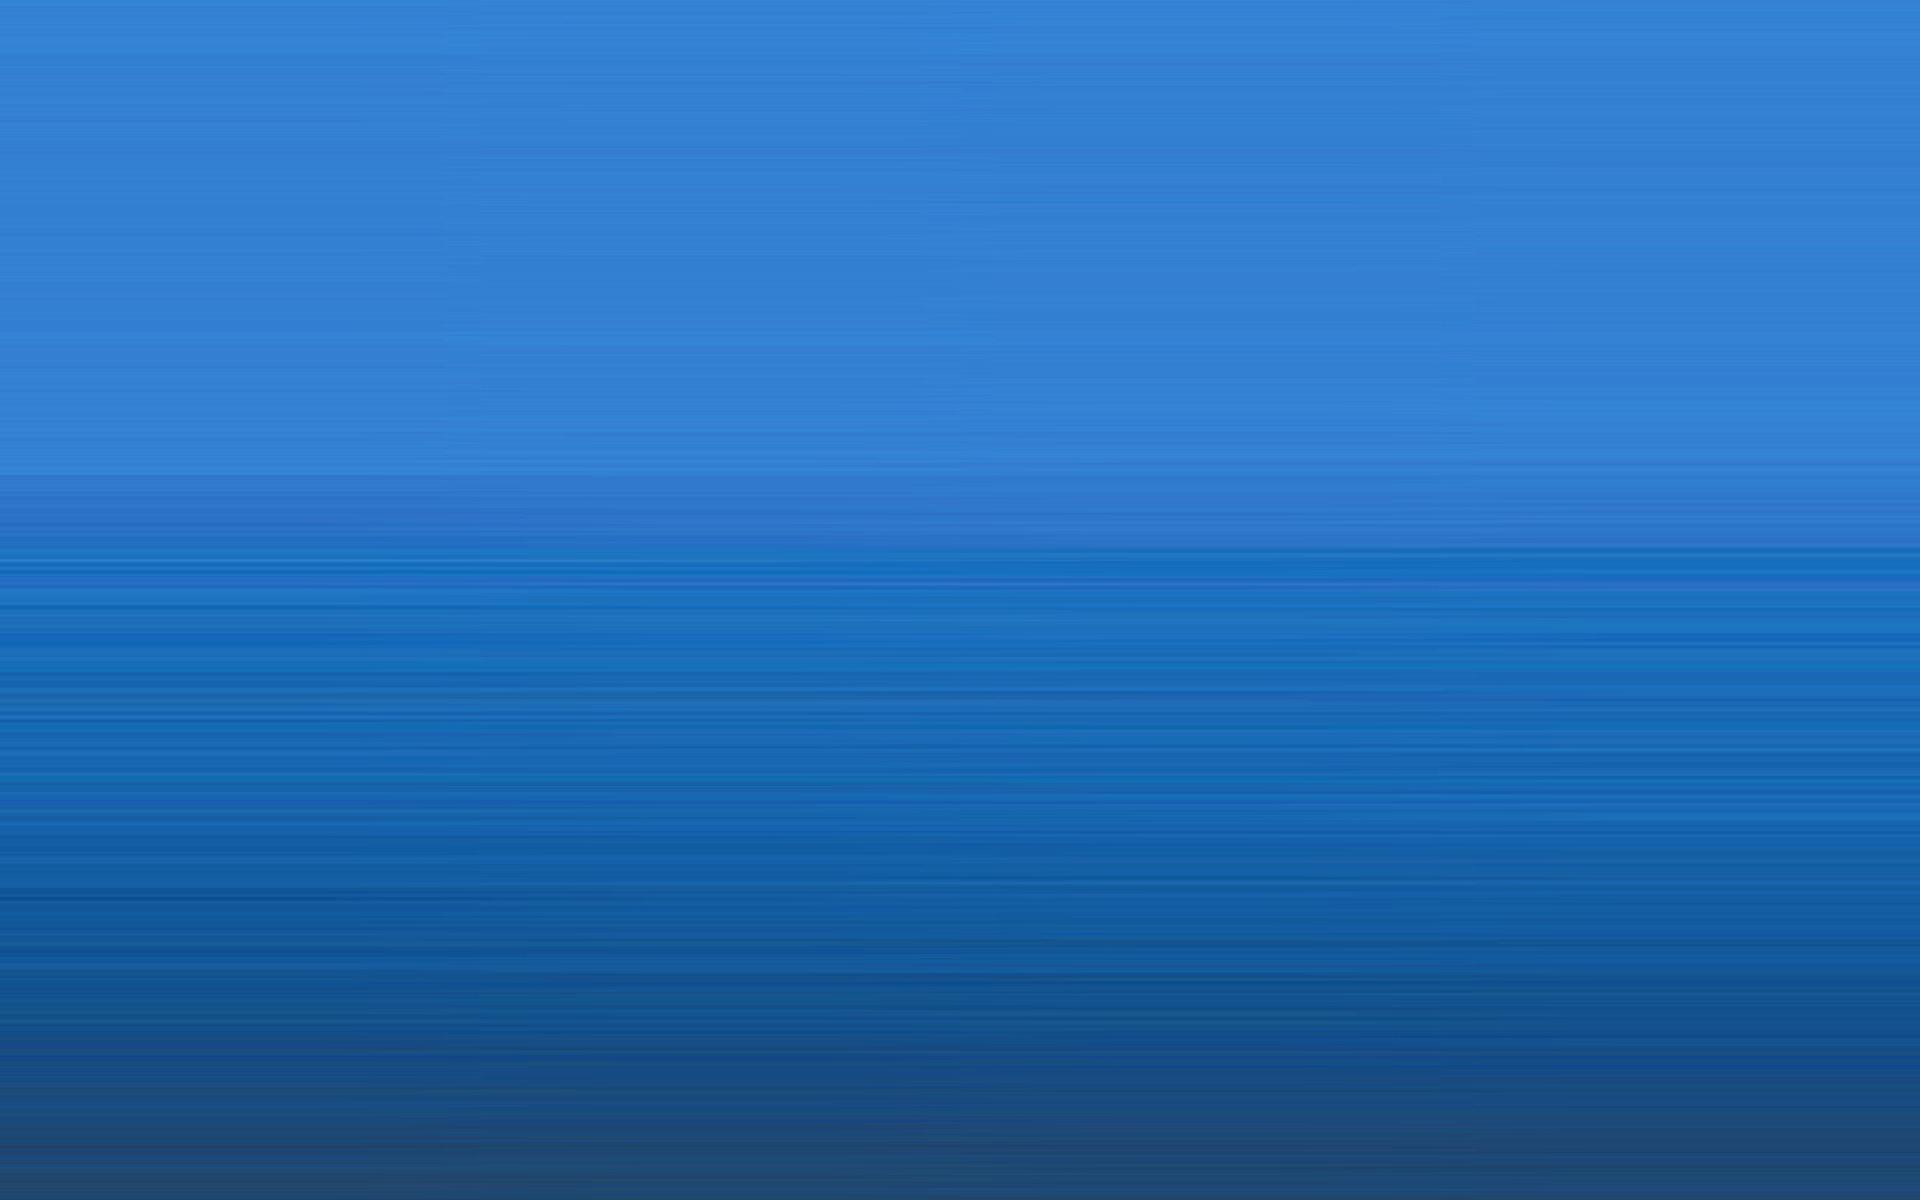 浅蓝色壁纸qq